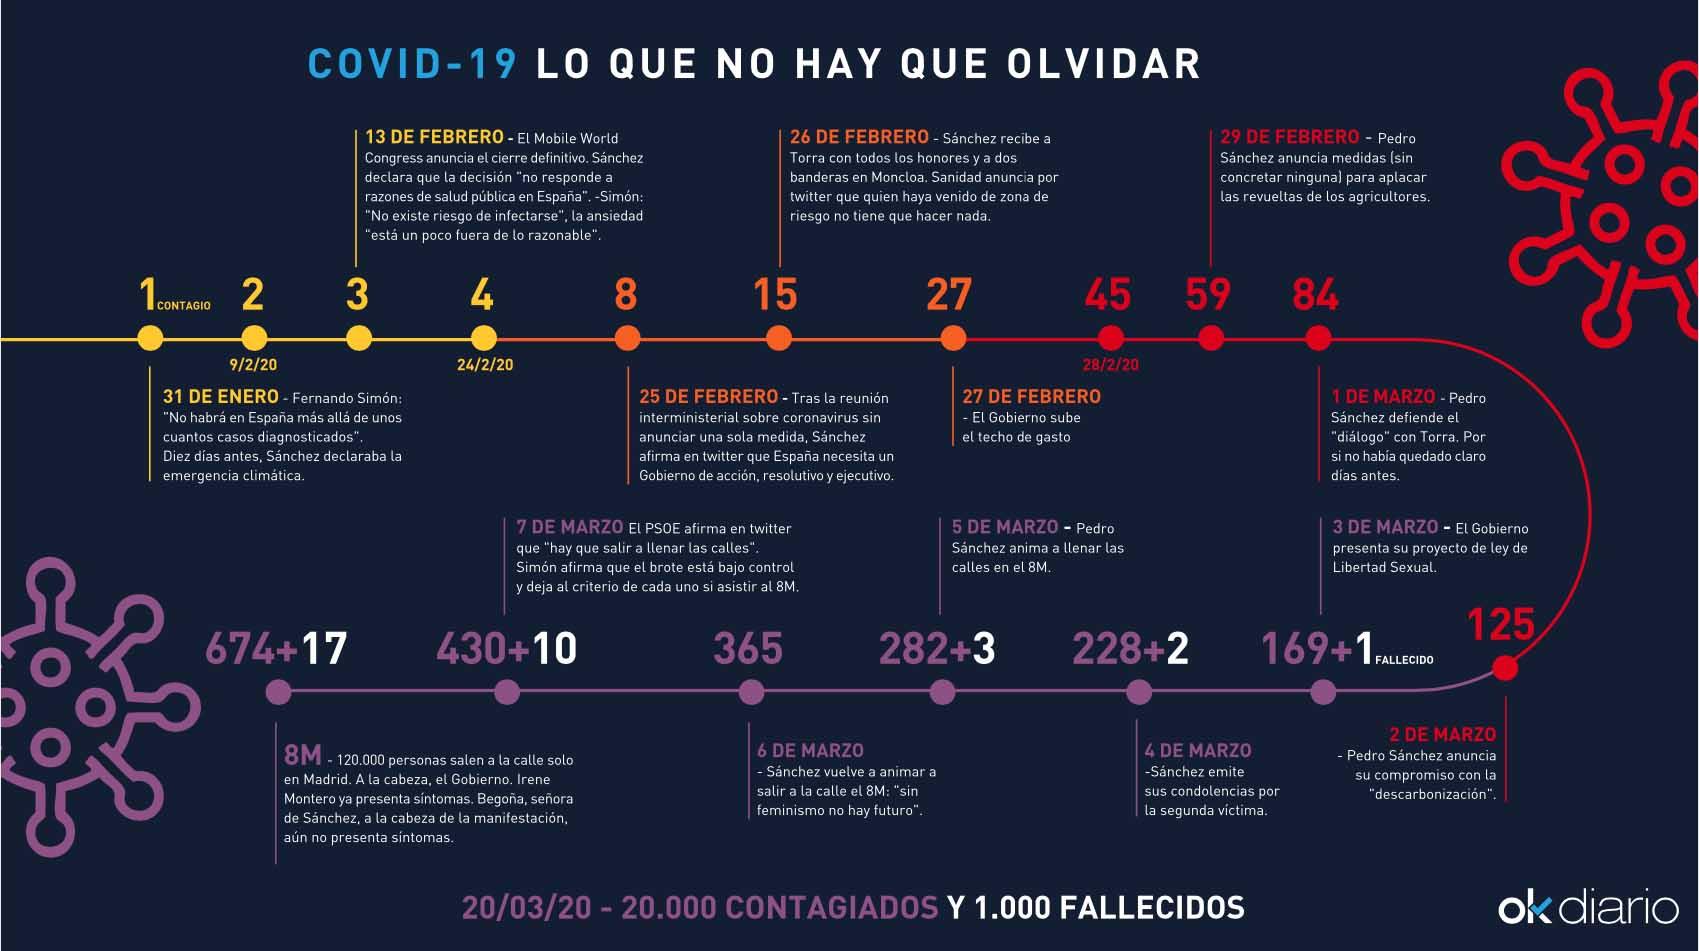 La OMS avisó a España el 30 de enero: «El coronavirus se puede frenar si se aplican medidas»